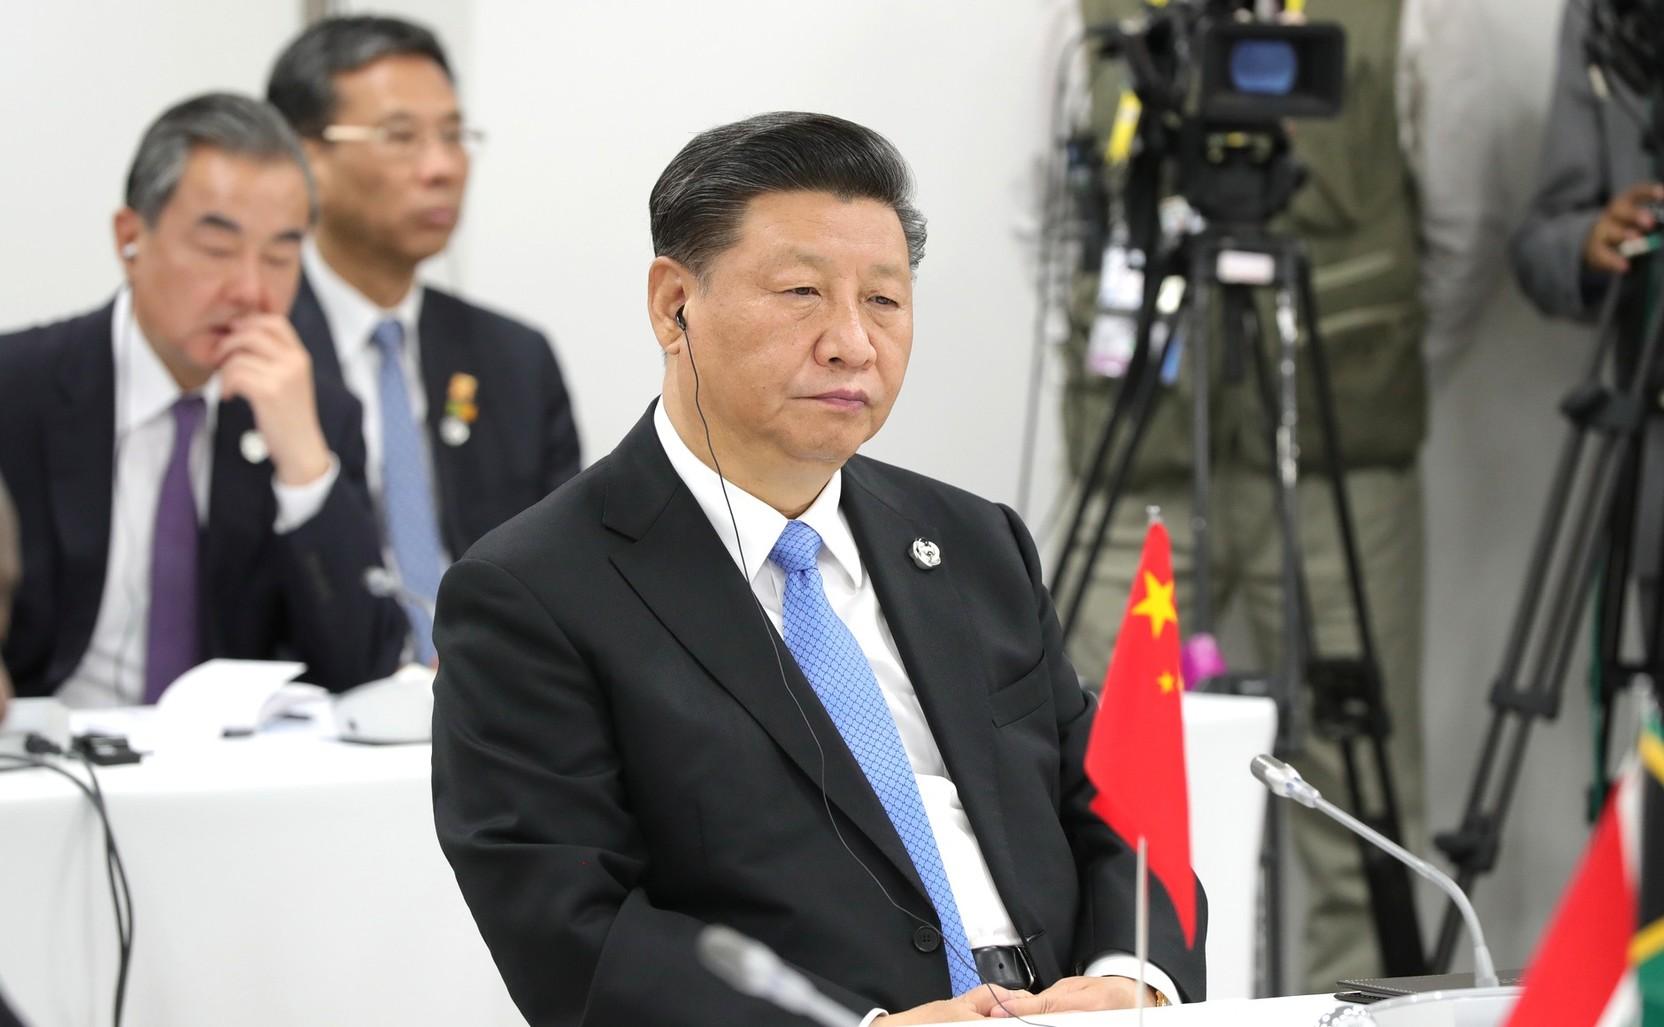 Байден опроверг сообщения об отказе Си Цзиньпина от личной встречи